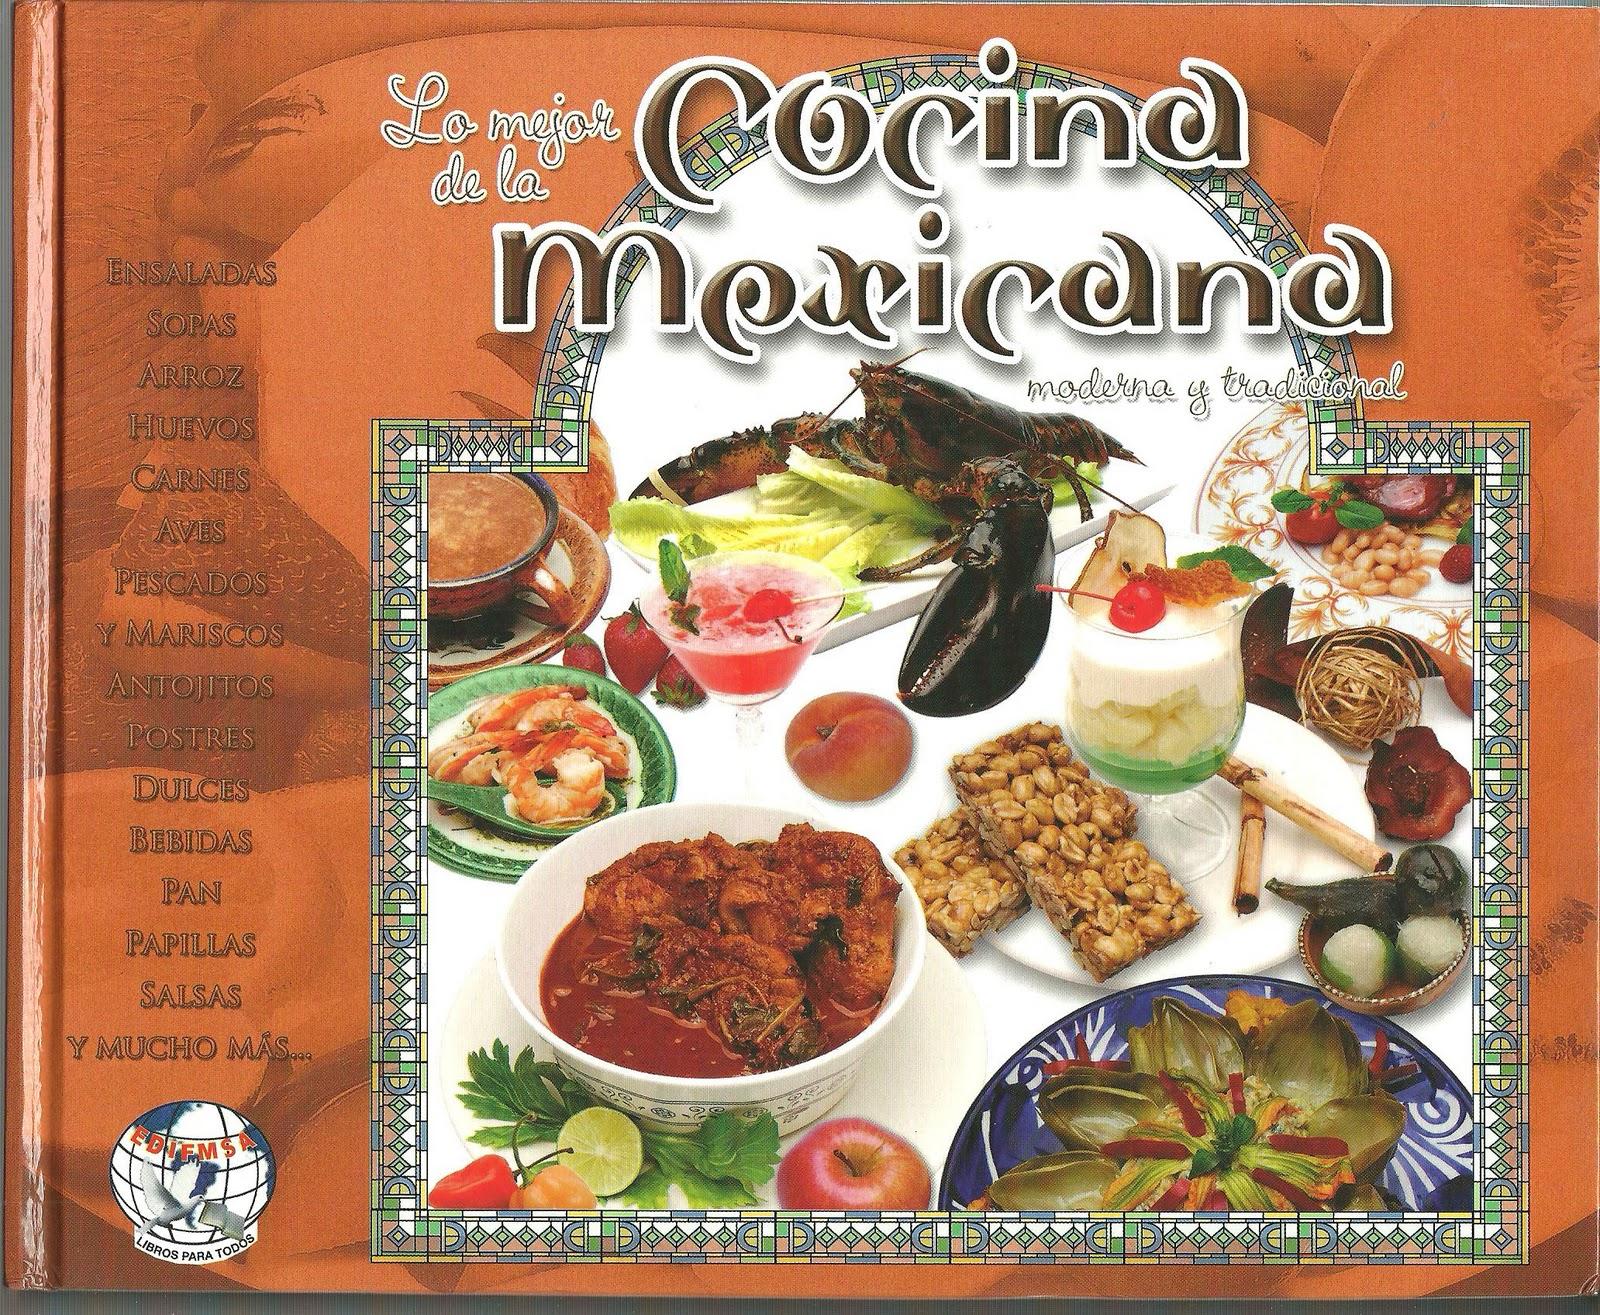 Cocina moderna recetas images for Cocina tradicional definicion